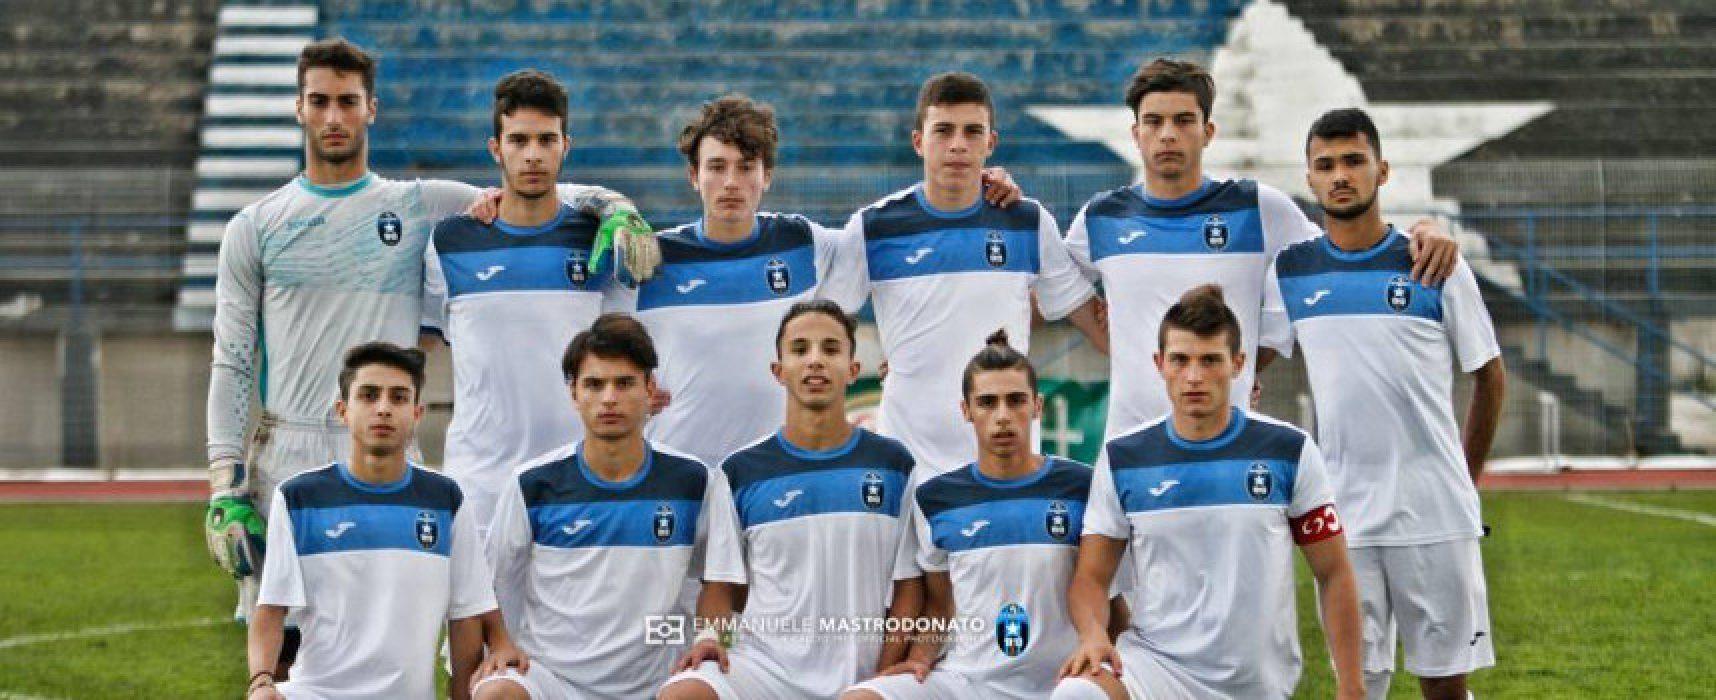 Bisceglie calcio, stabilite le date delle selezioni per il settore giovanile